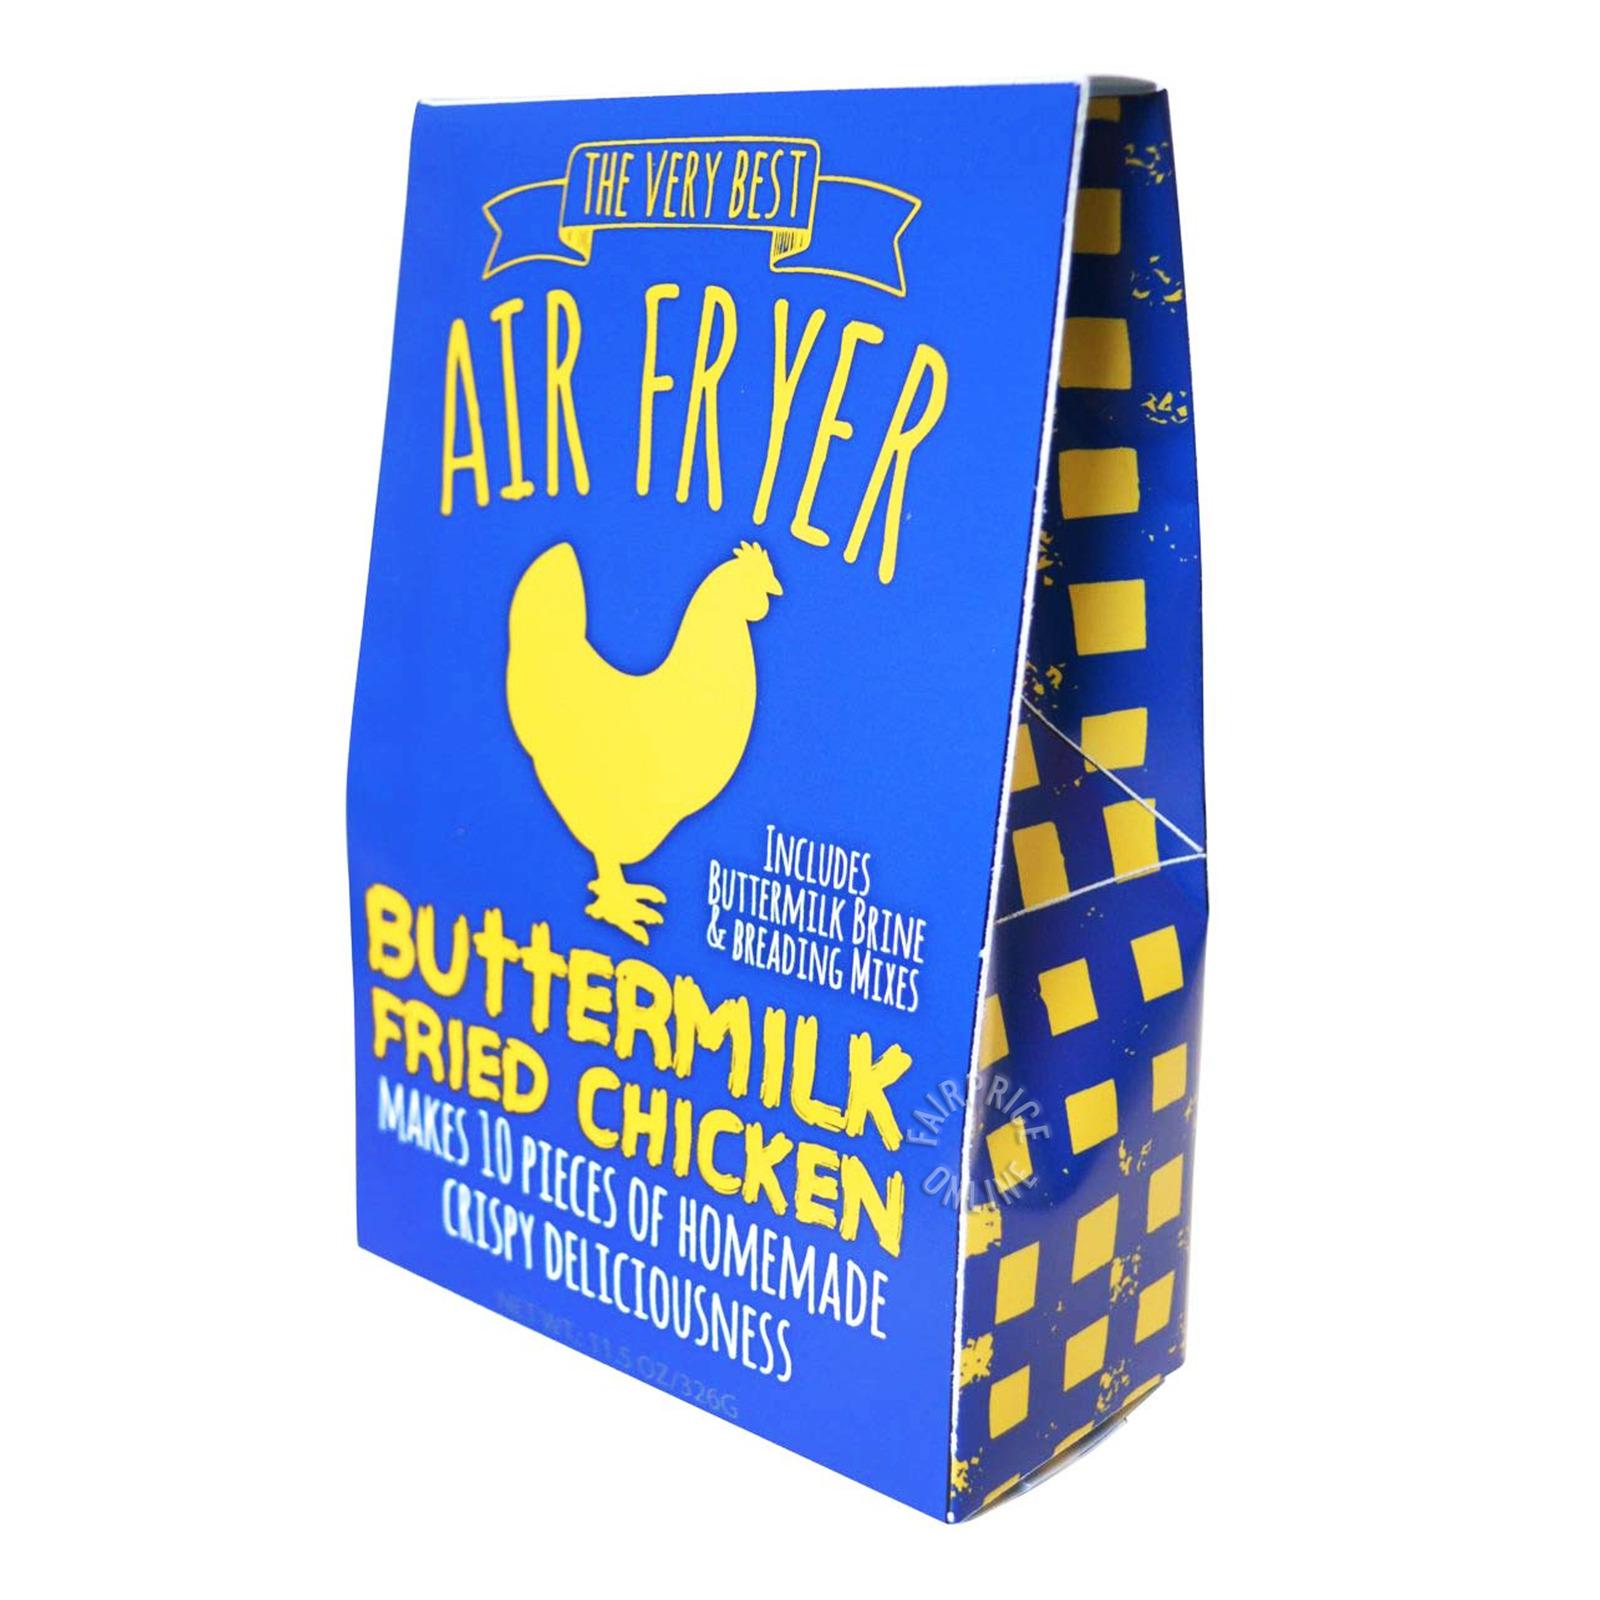 Pelicanbay Air Fryer Chicken Seasoning - Buttermilk FriedChicken